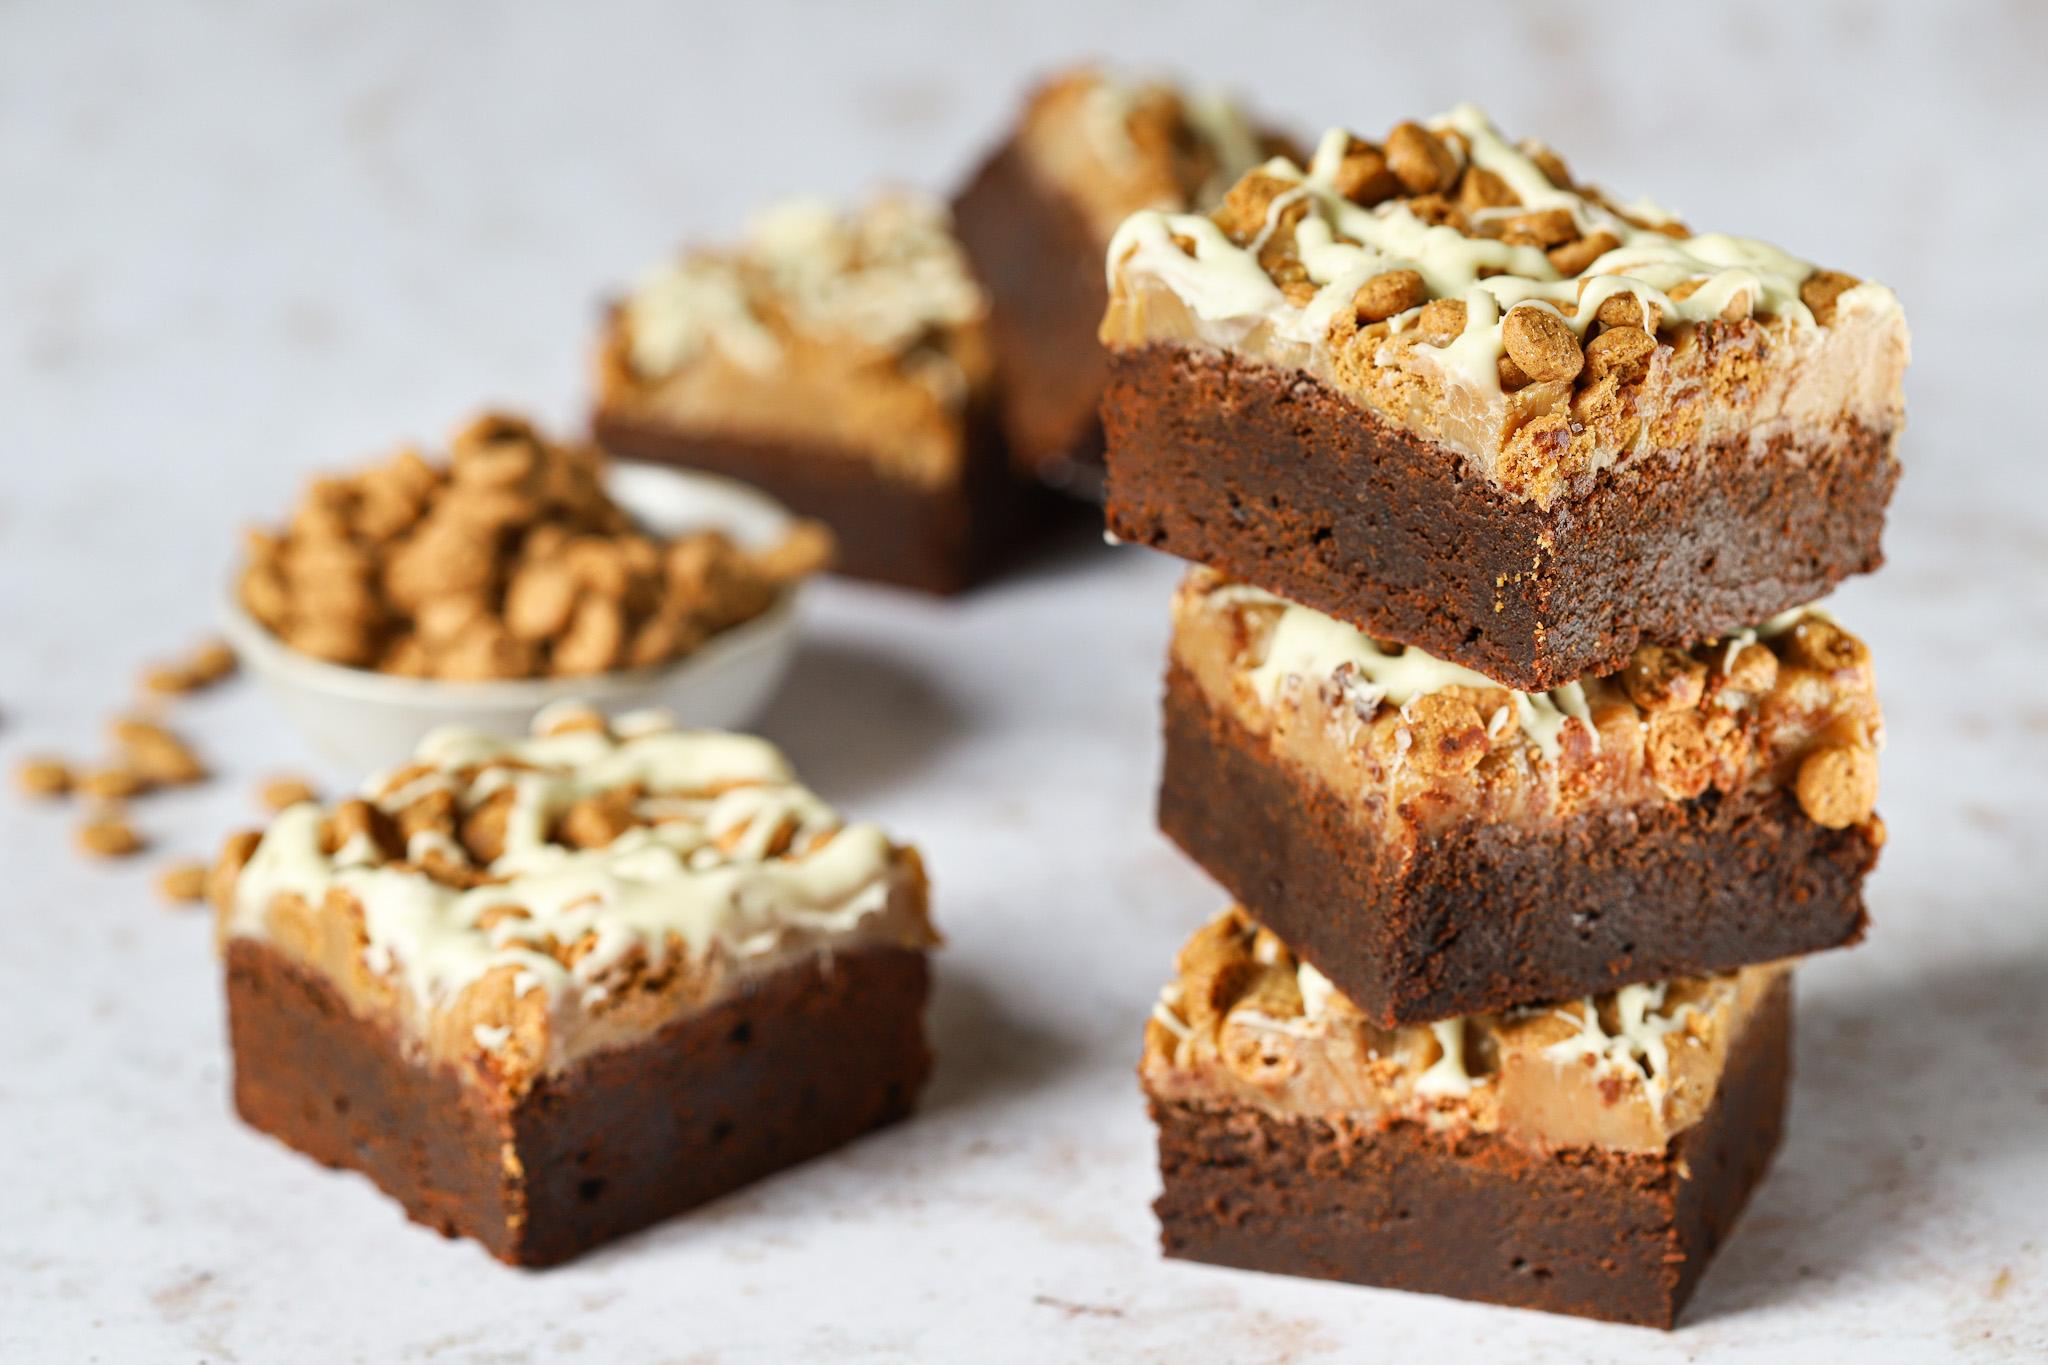 Koffie brownies met karamel en speculaas